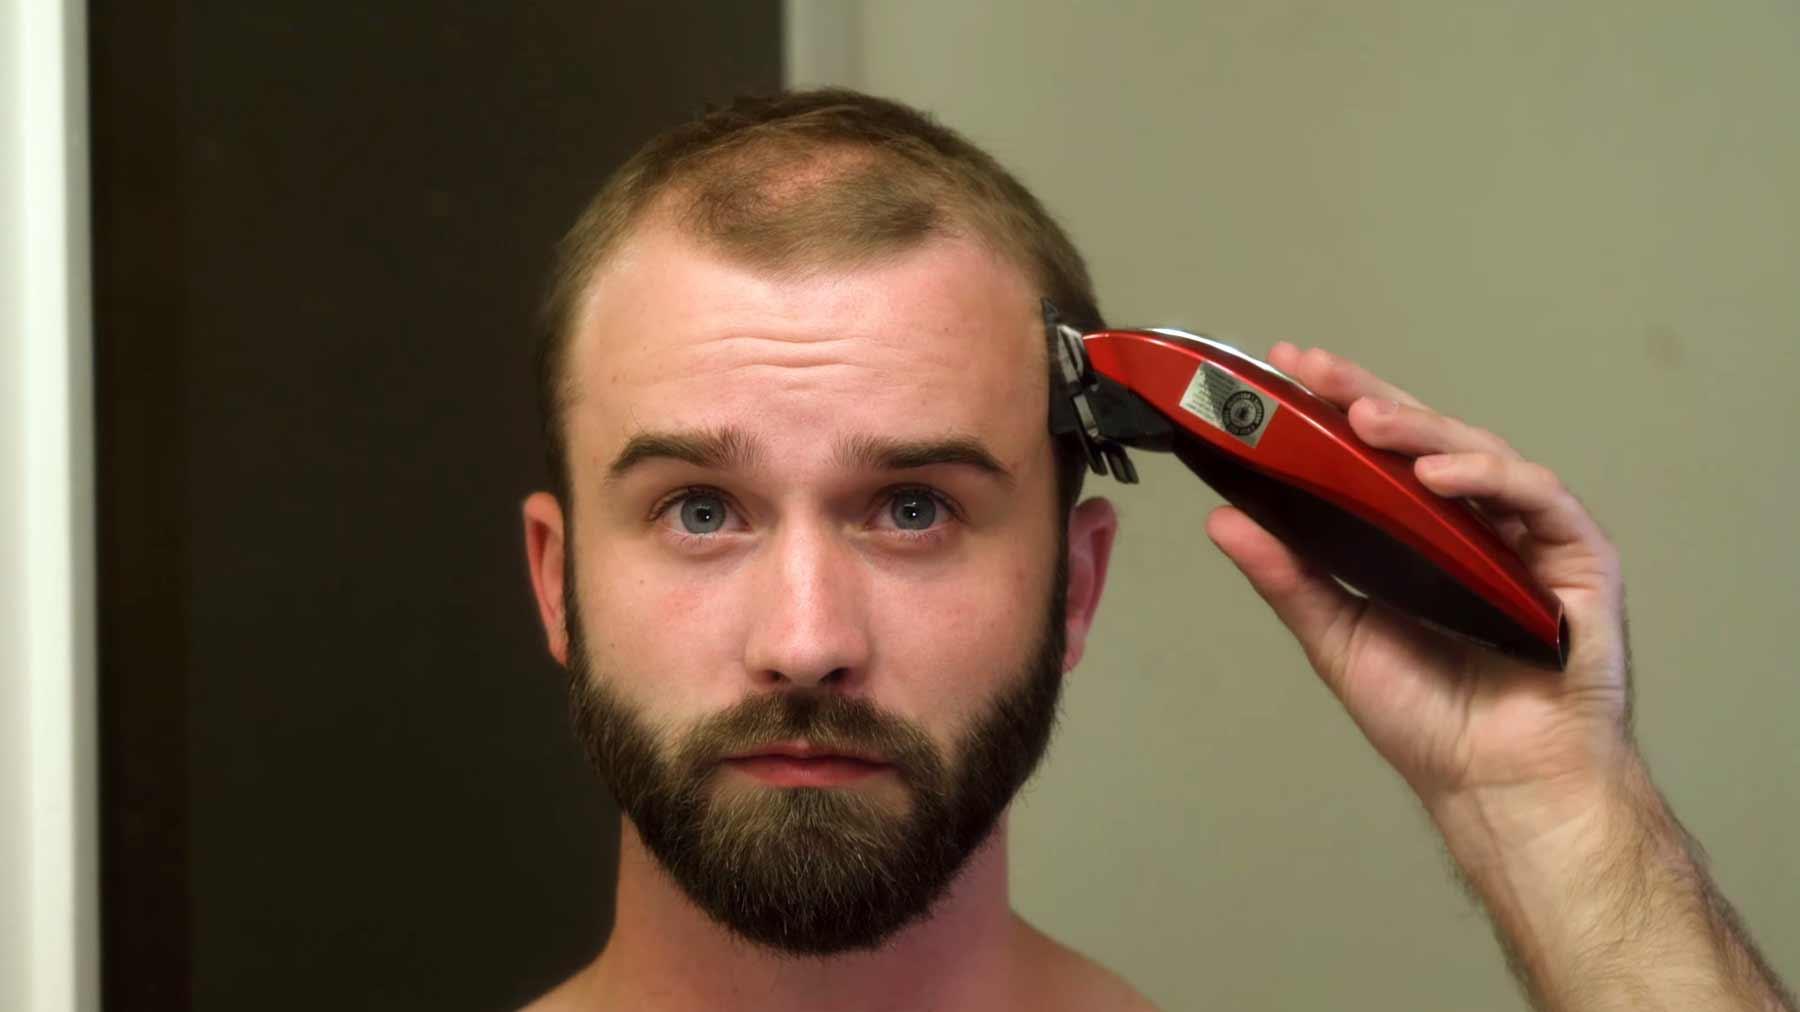 Wie man mit lichter werdendem Haar umgehen kann how-to-bald-gracefully